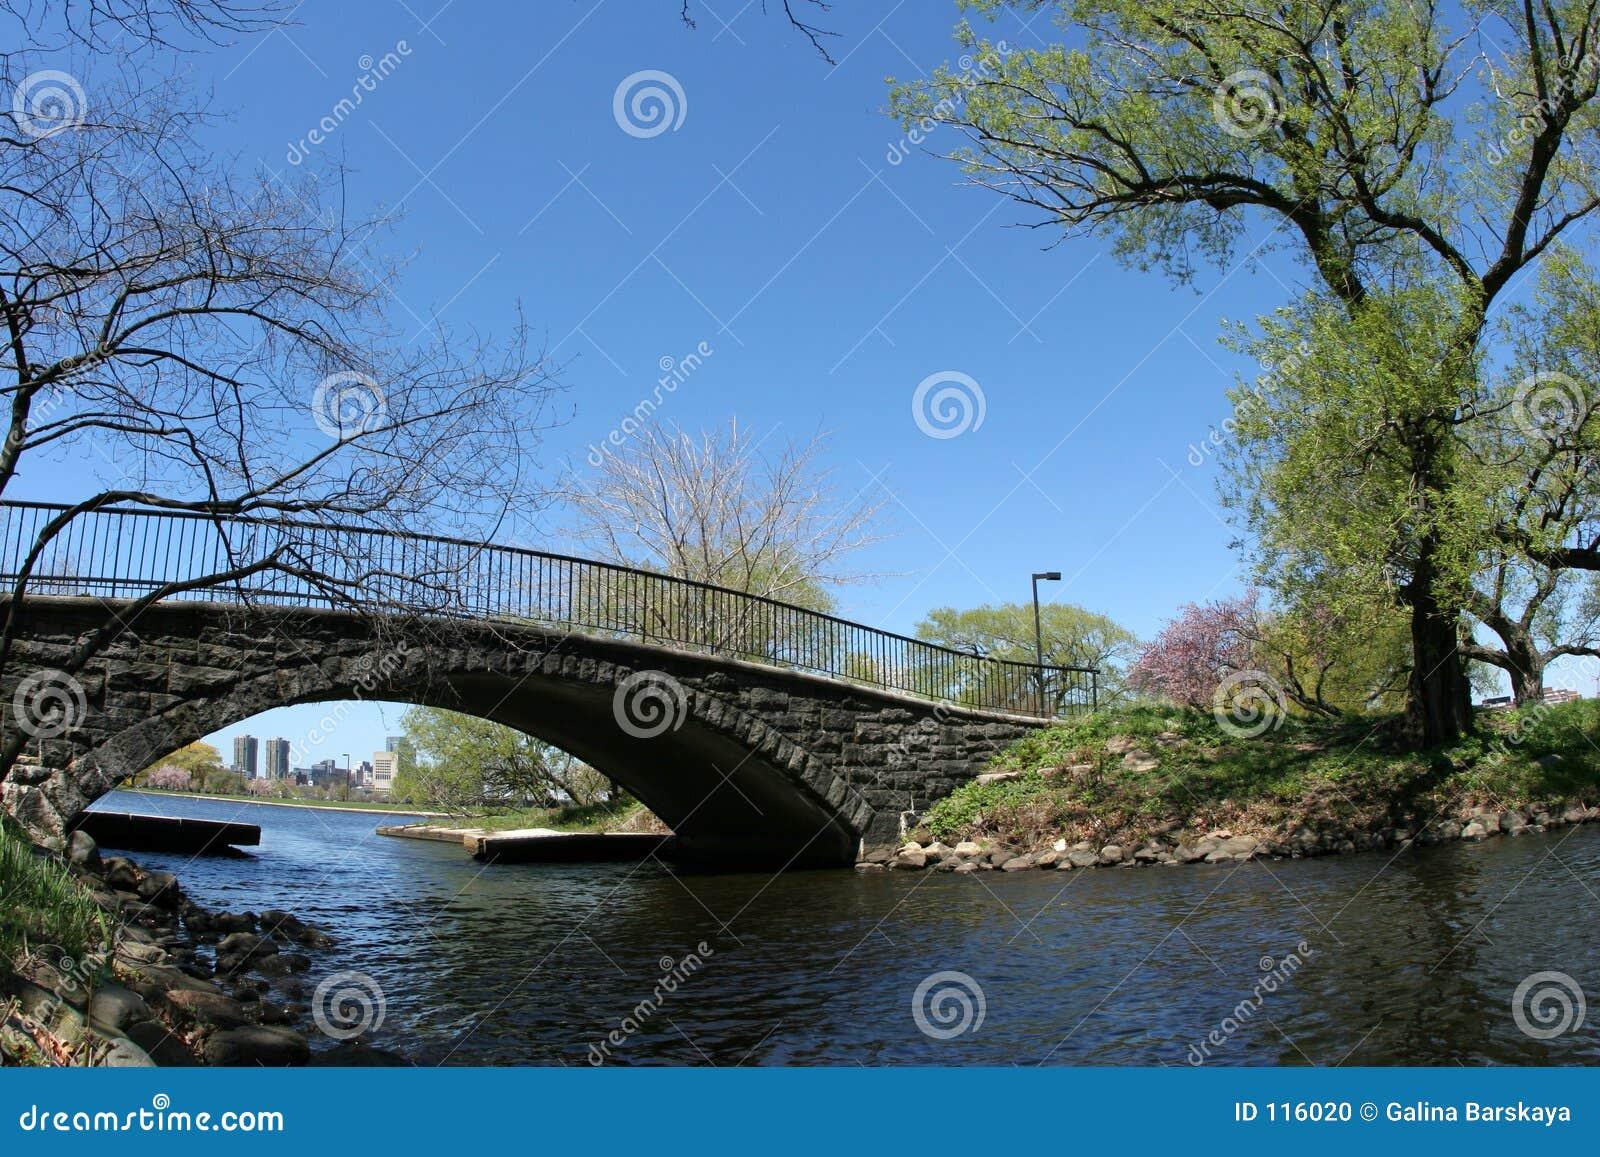 Brücke in einem Park